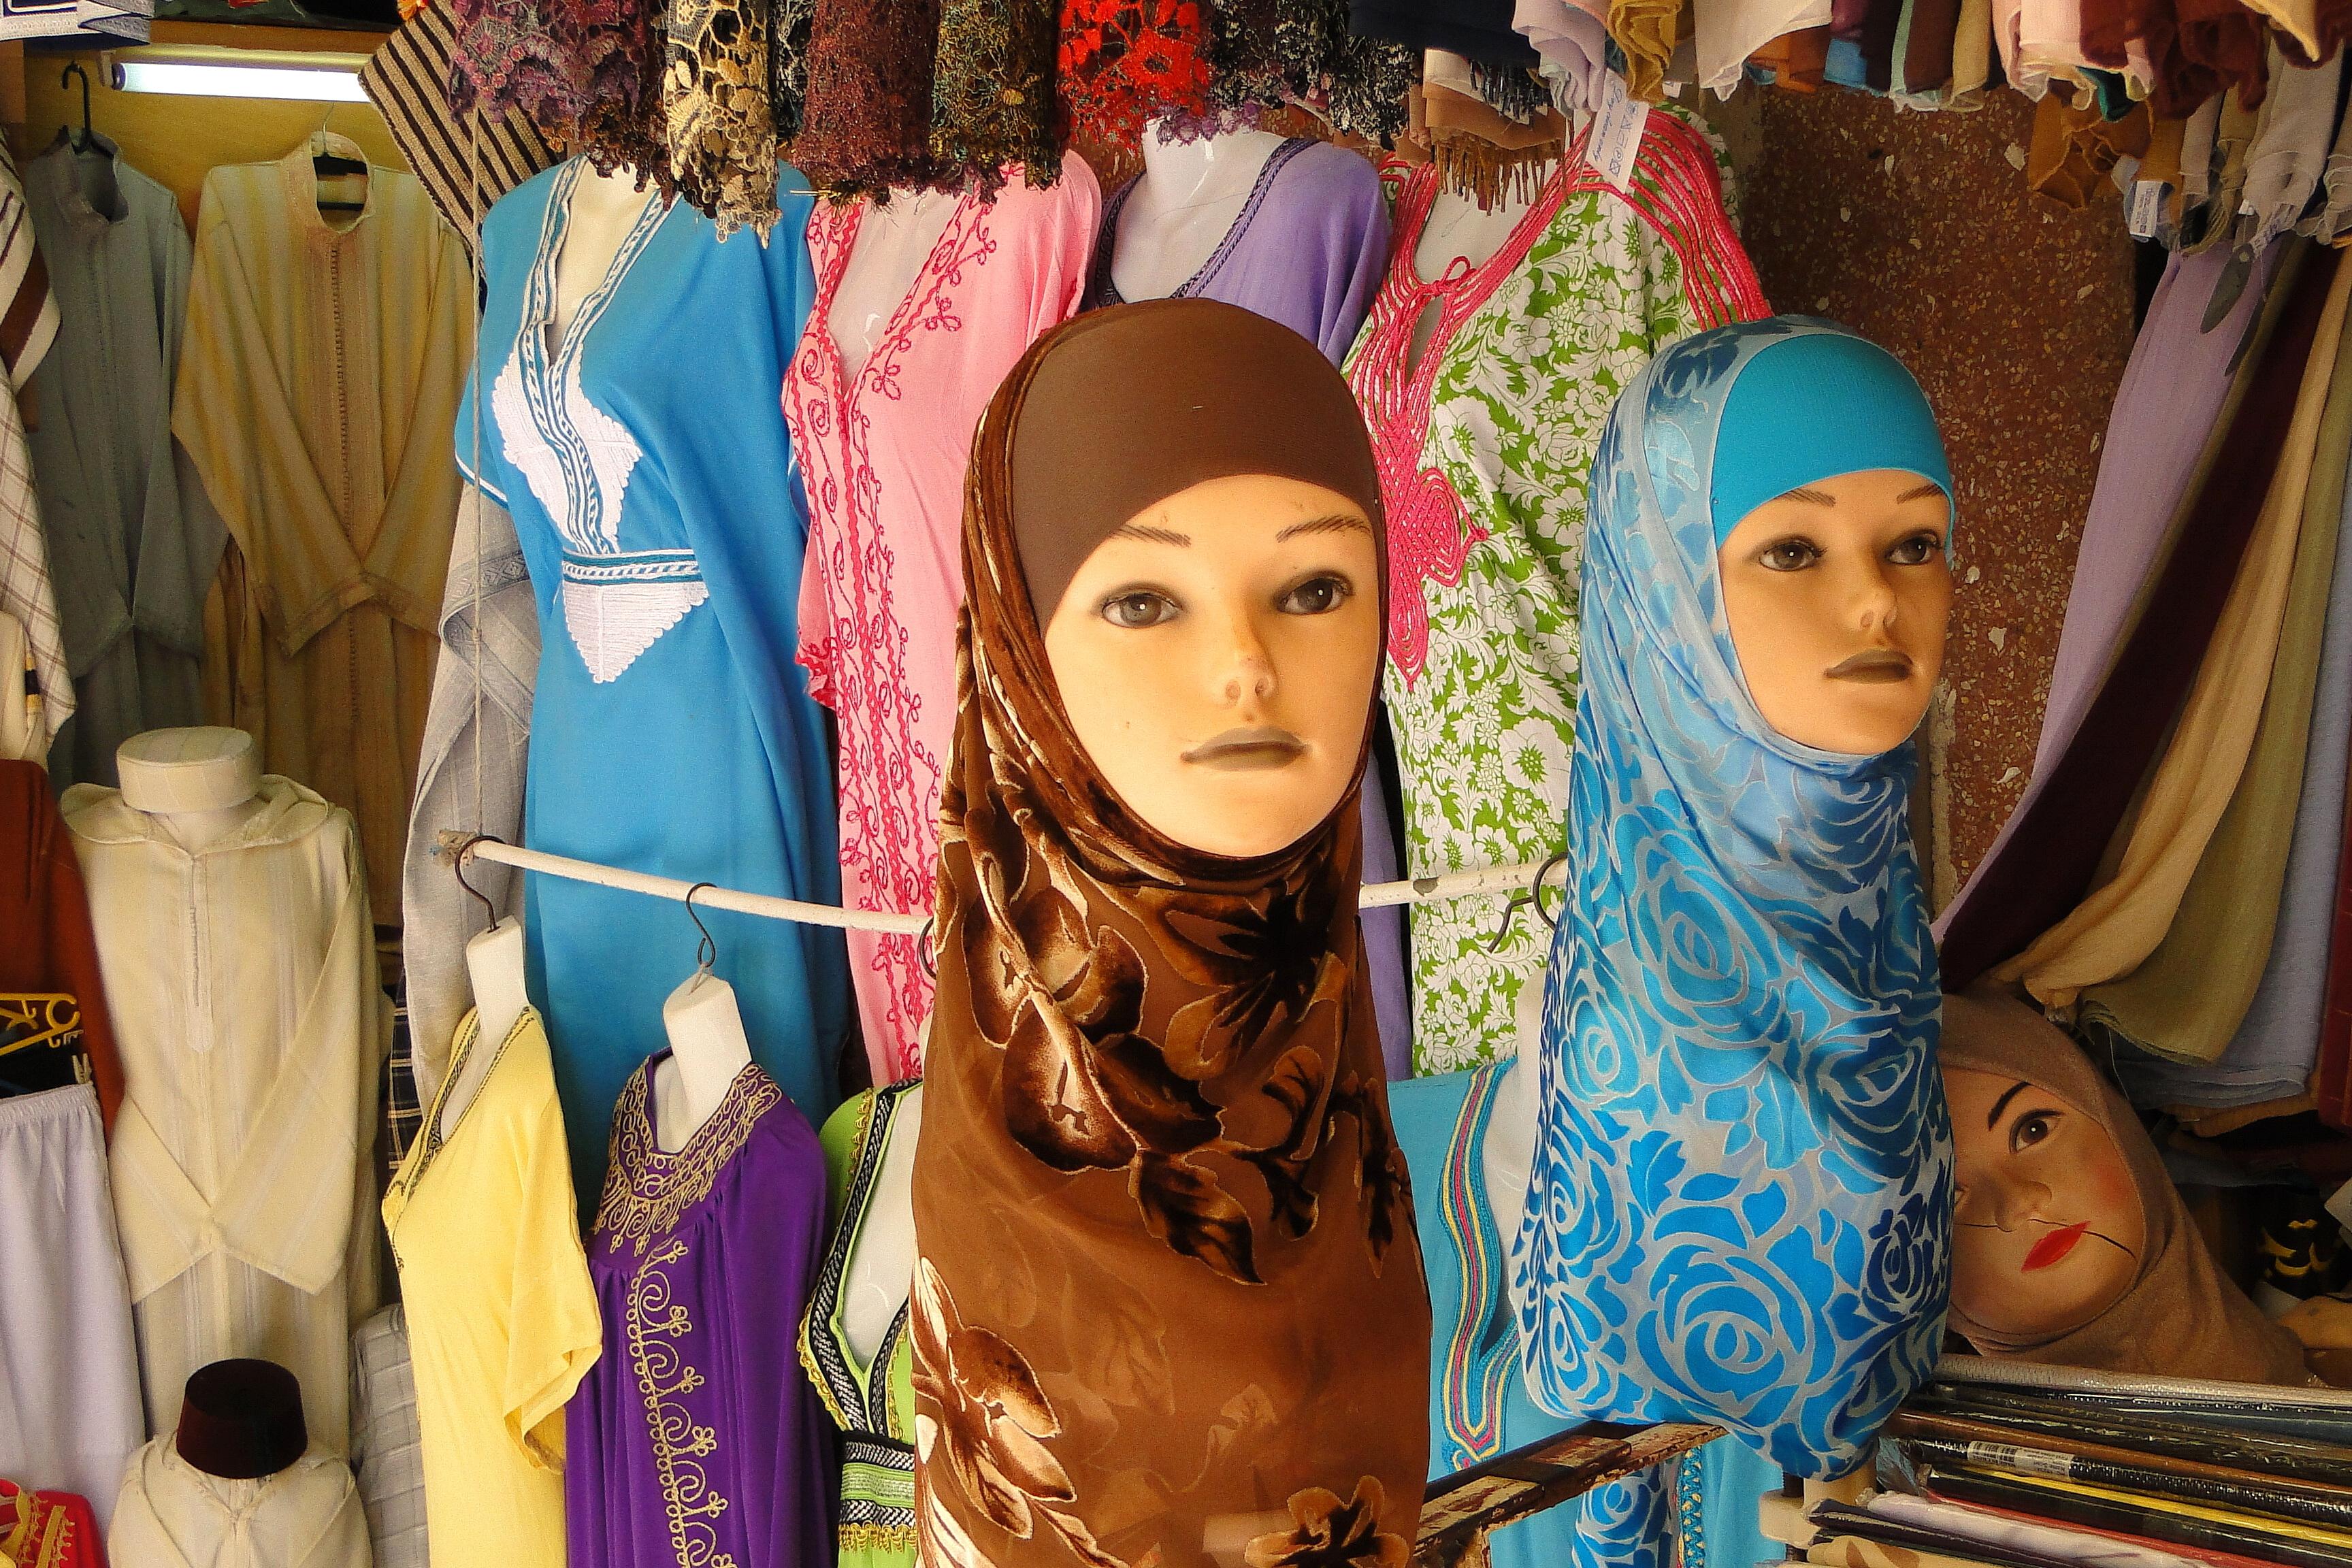 Tangier muslim girl personals